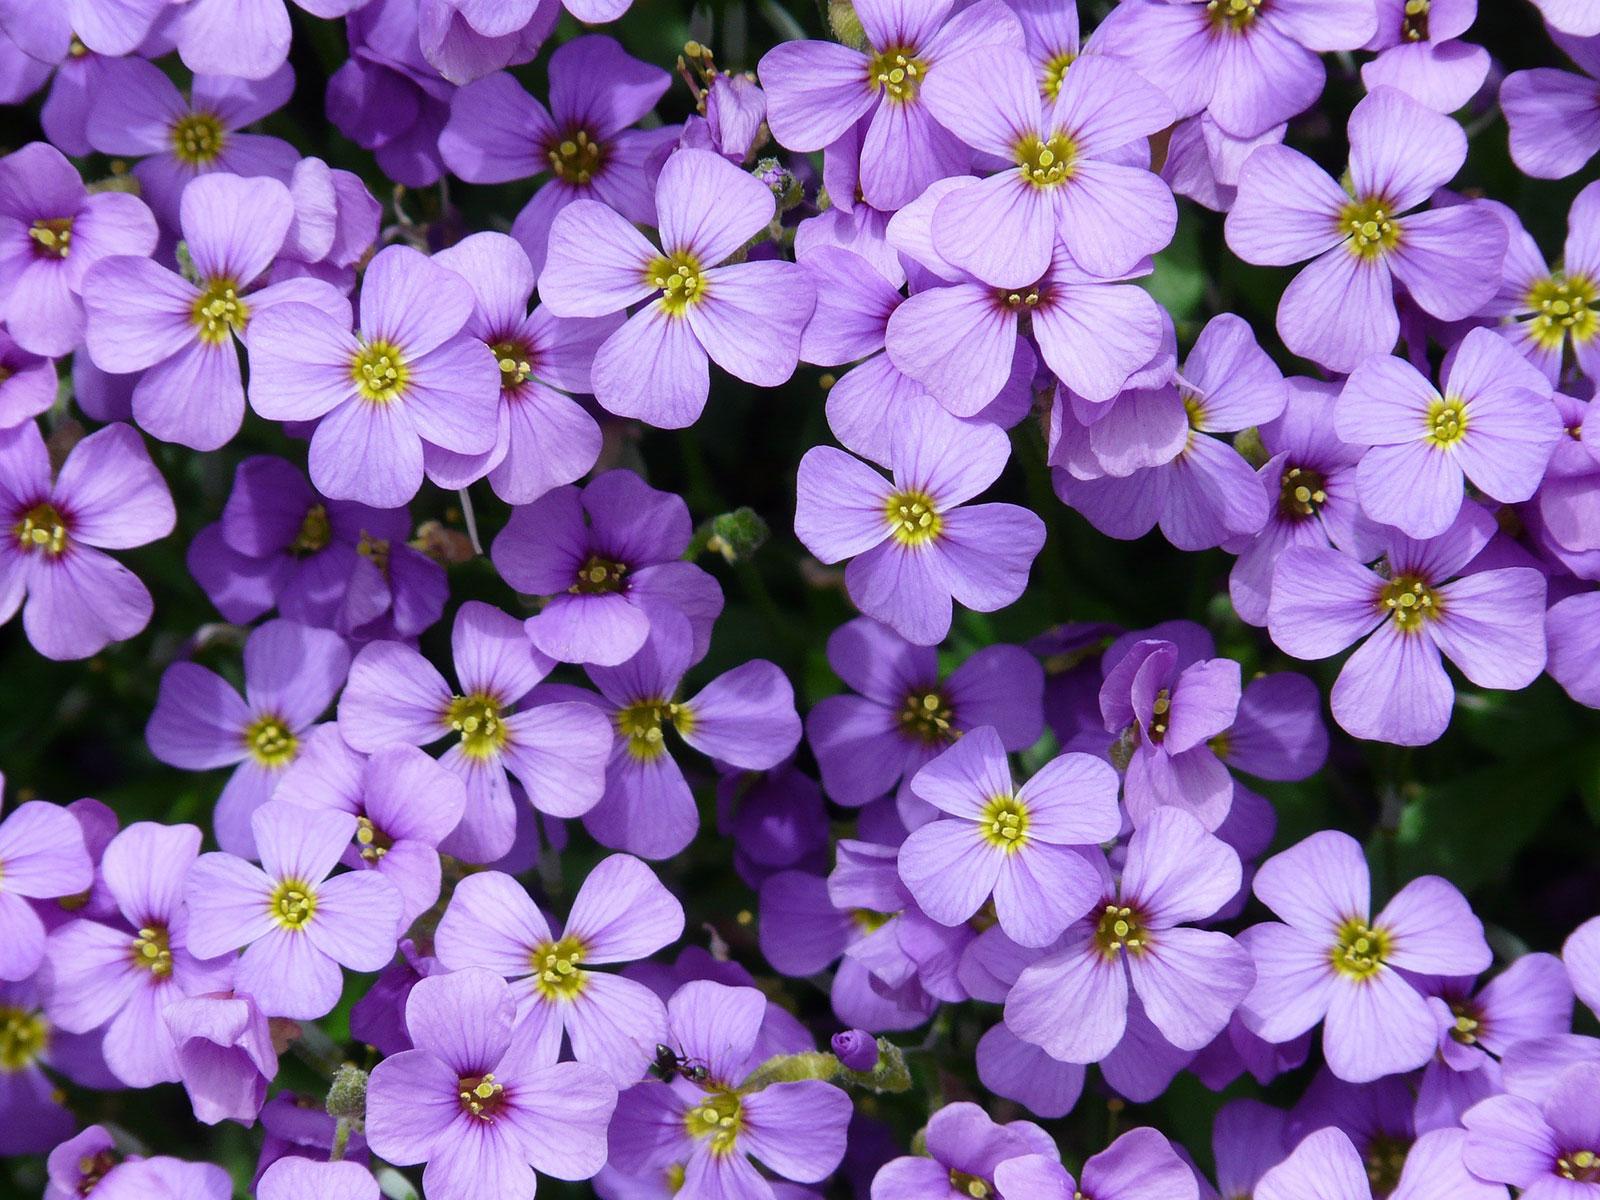 Choisir Les Bonnes Plantes Pour Une Bordure Naturelle Blog Jardin